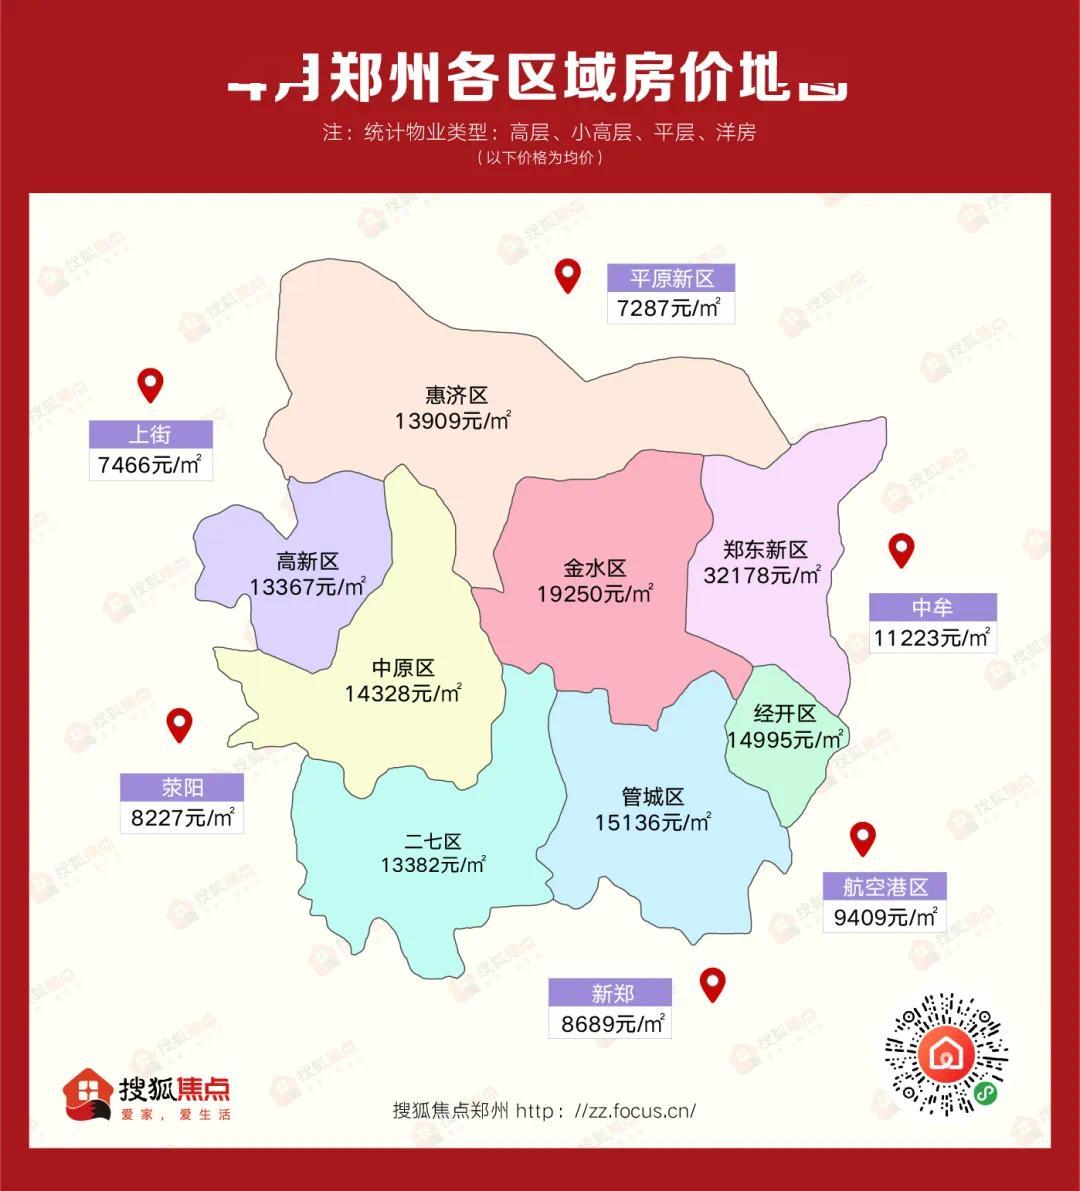 独家发布!4月郑州最新房价地图!这9个区域房价降了……